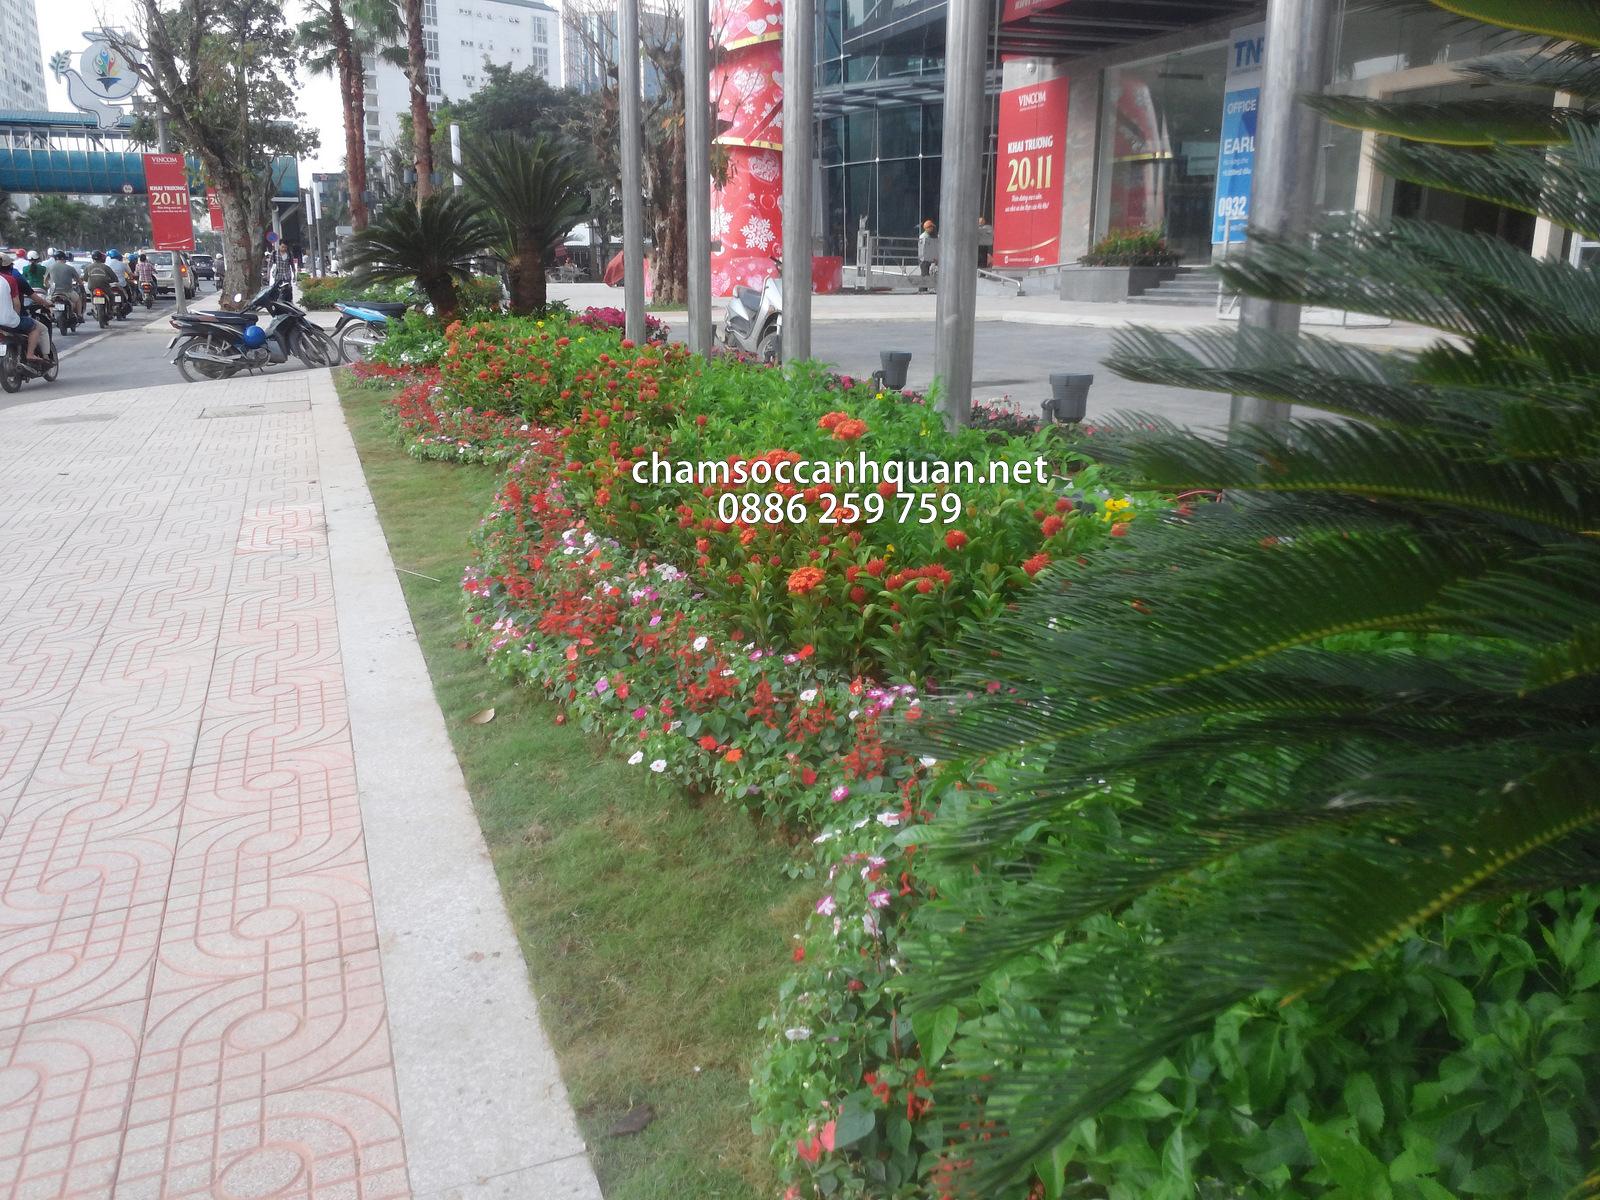 Thi công cảnh quan Vinhomes Nguyễn Chí Thanh